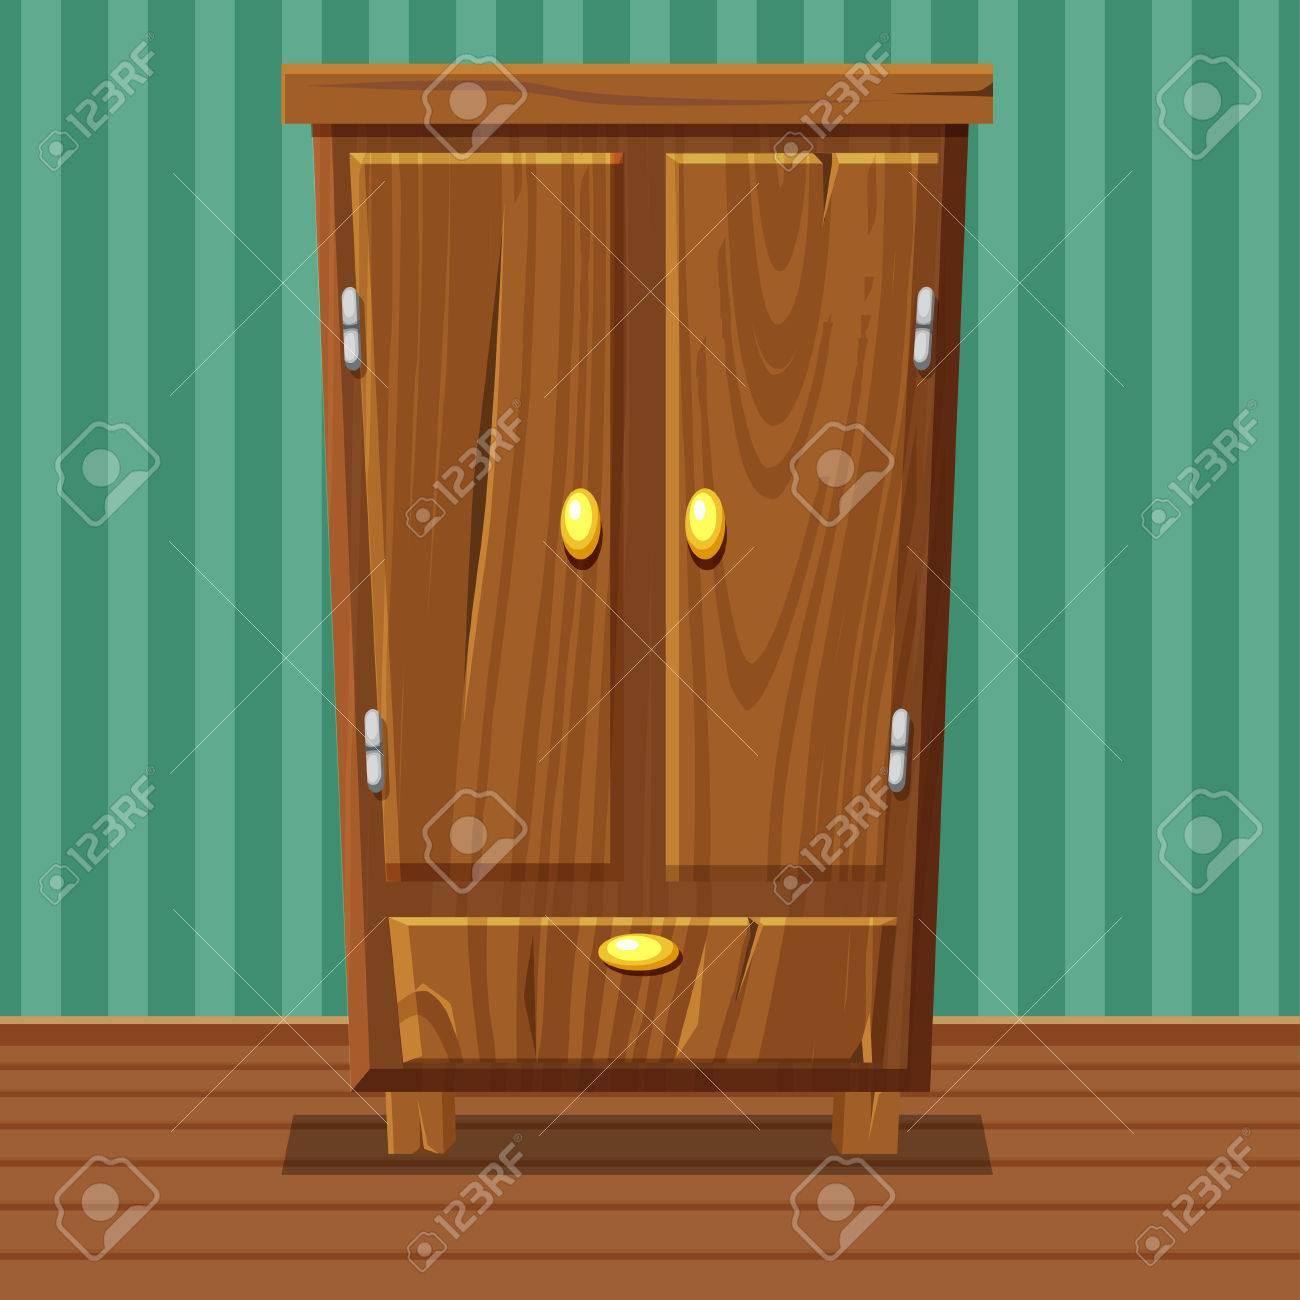 Full Size of Cartoon Funny Closed Wardrobe, Living Room Wooden Furniture Wohnzimmer Schrank Wohnzimmer